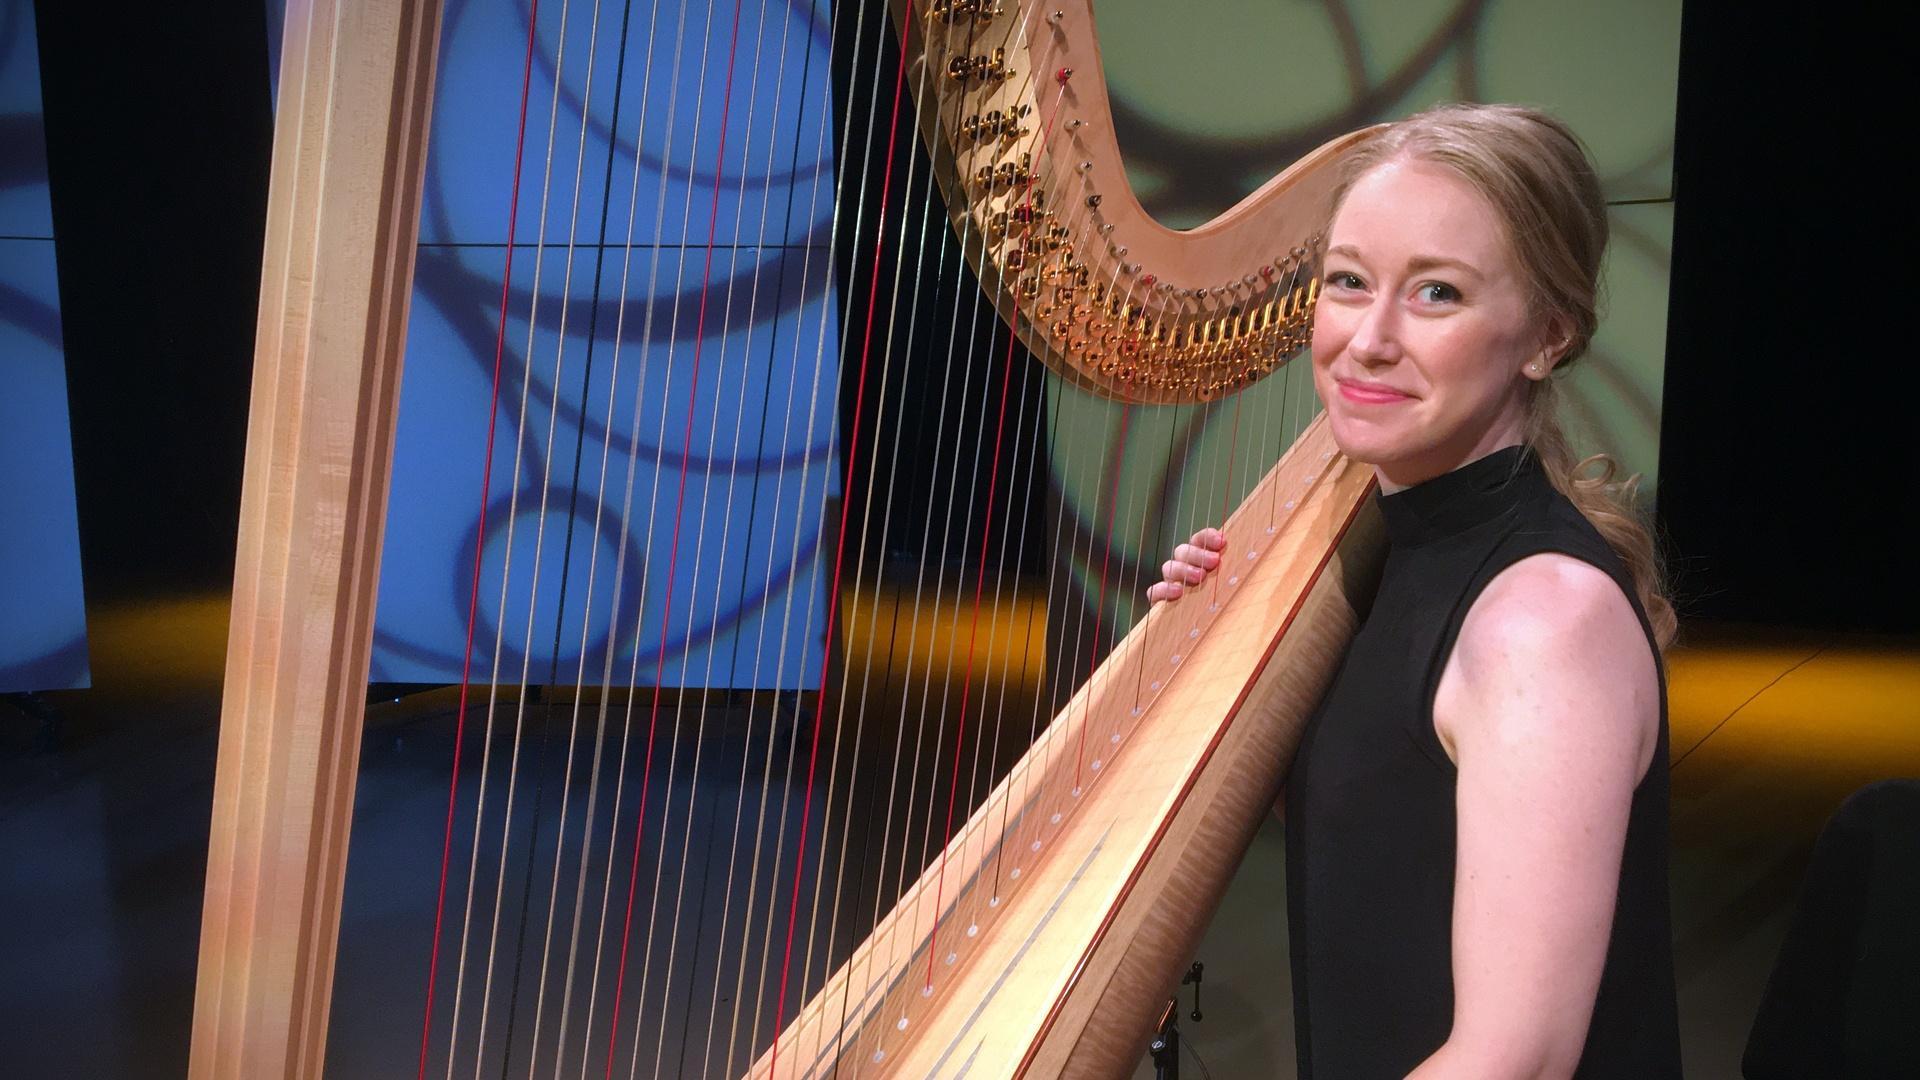 Madeline Olson